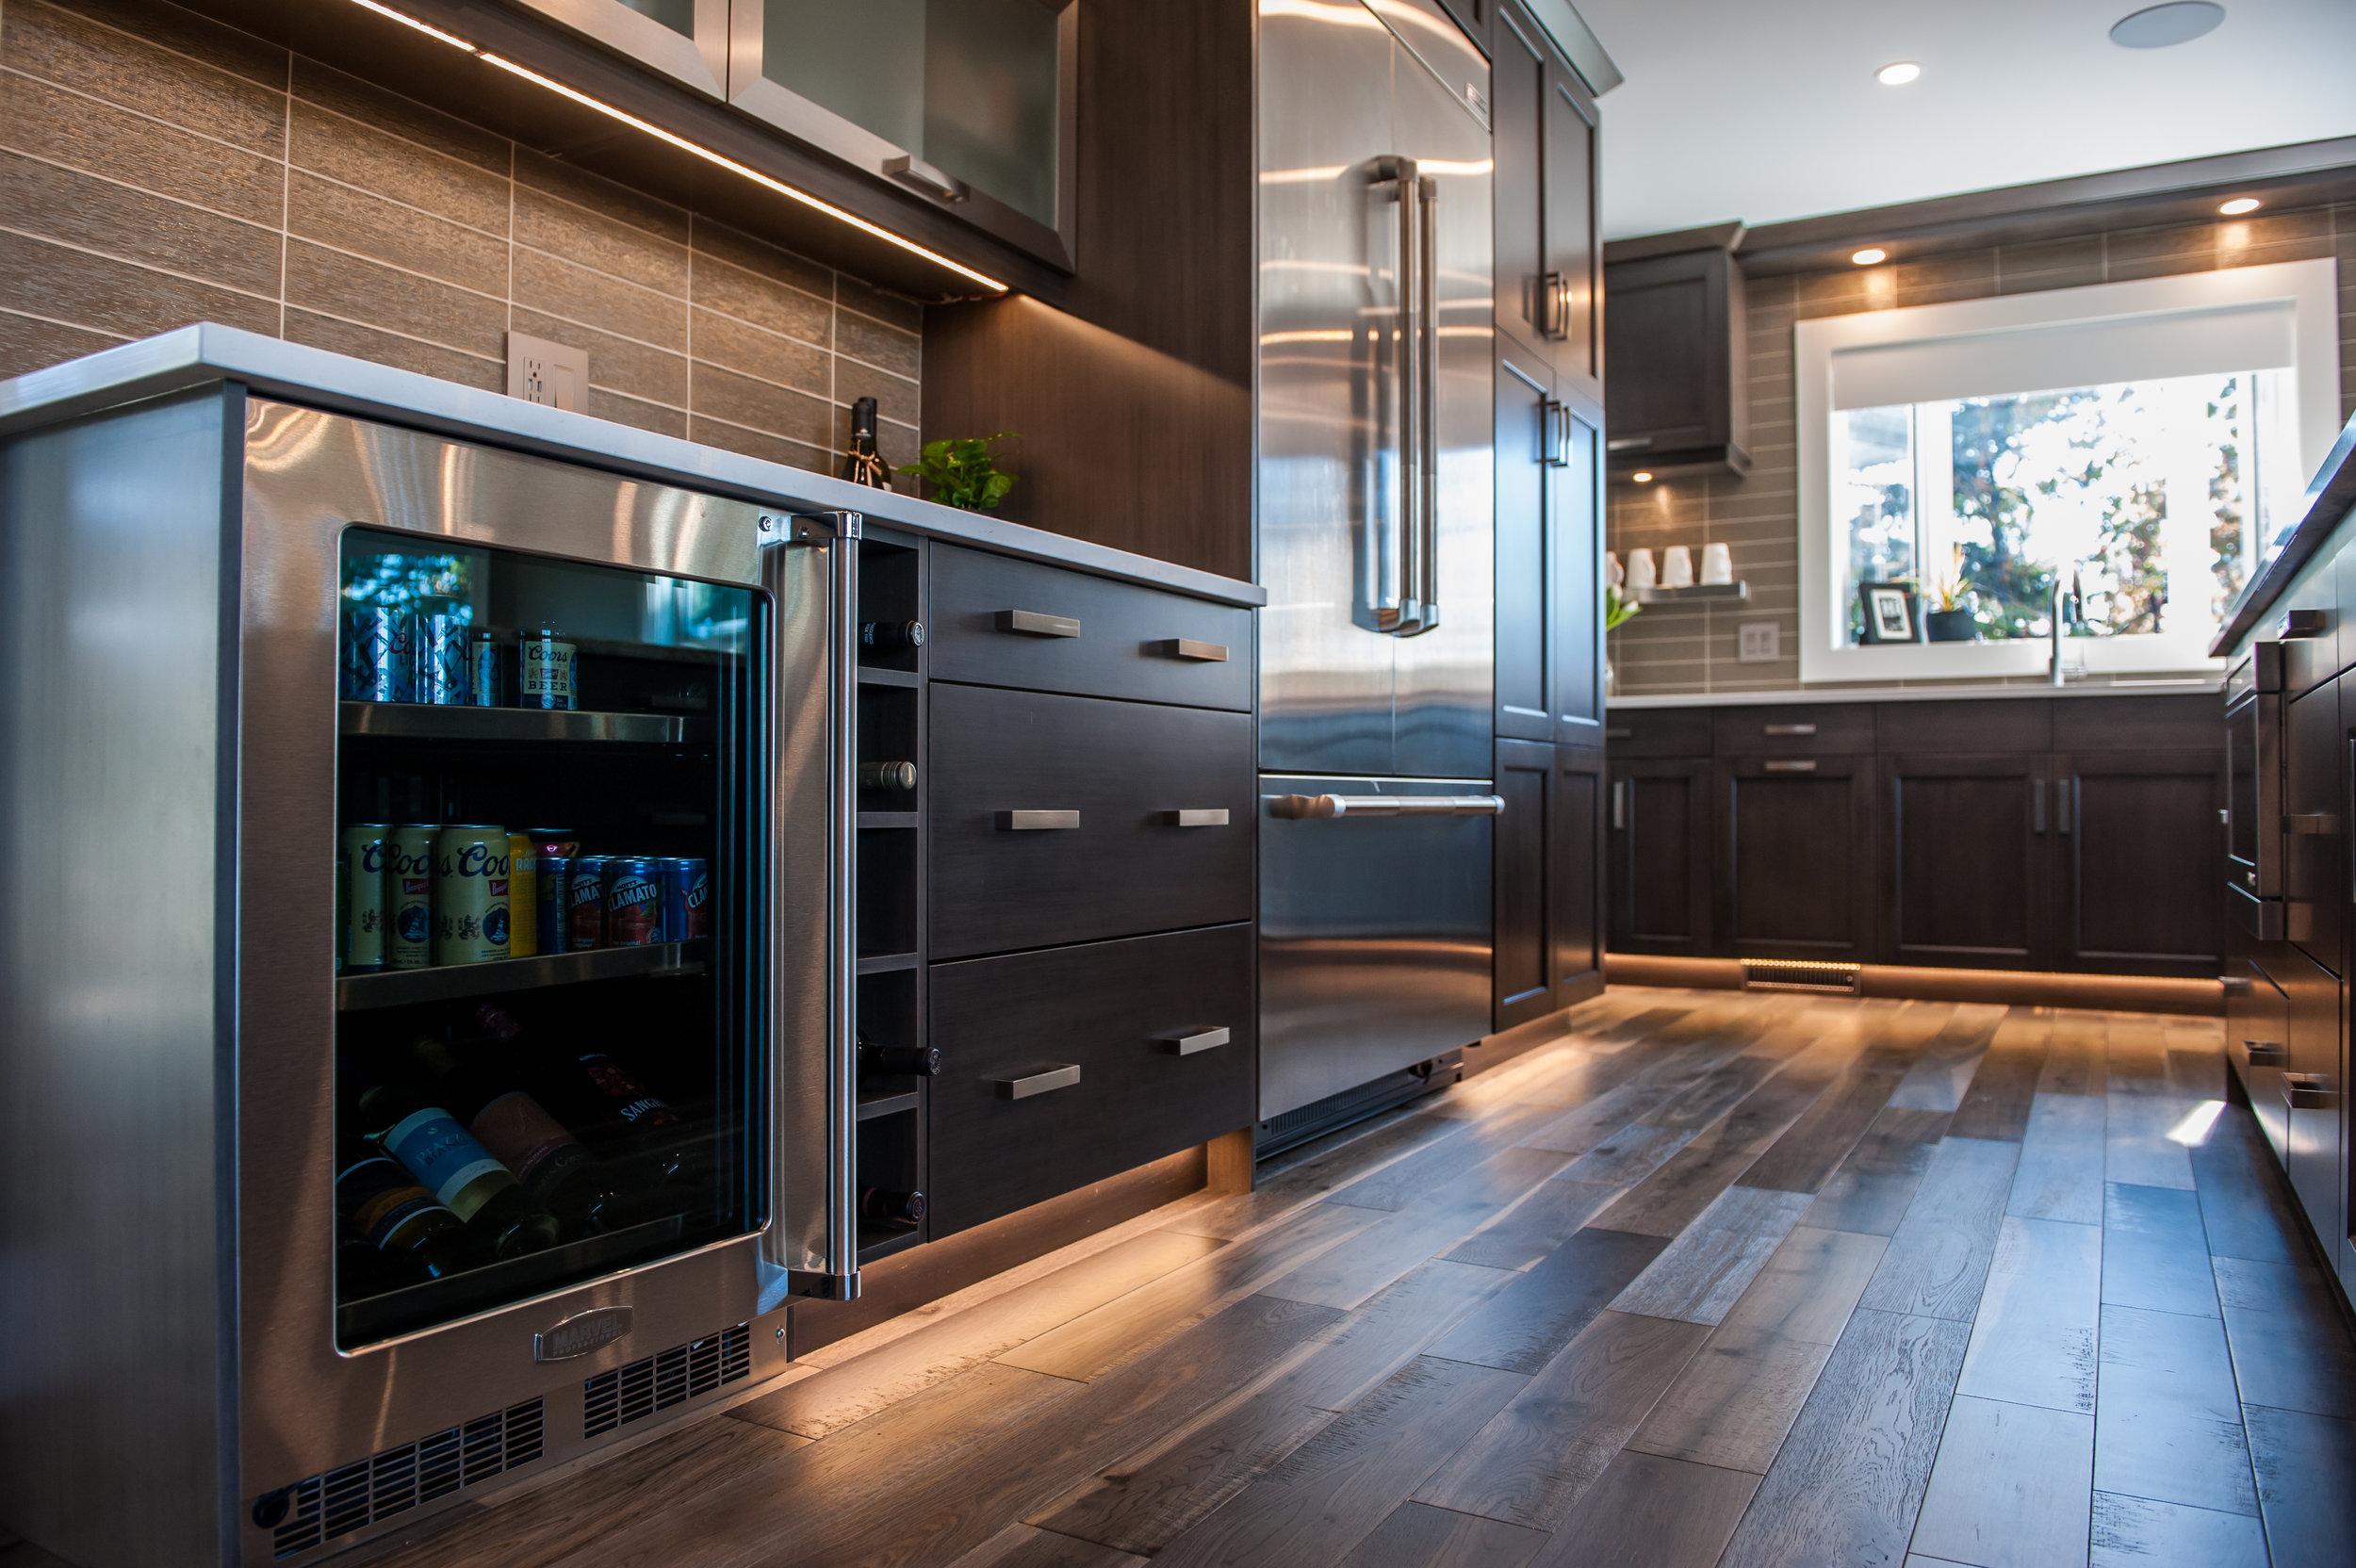 bar fridge kitchen